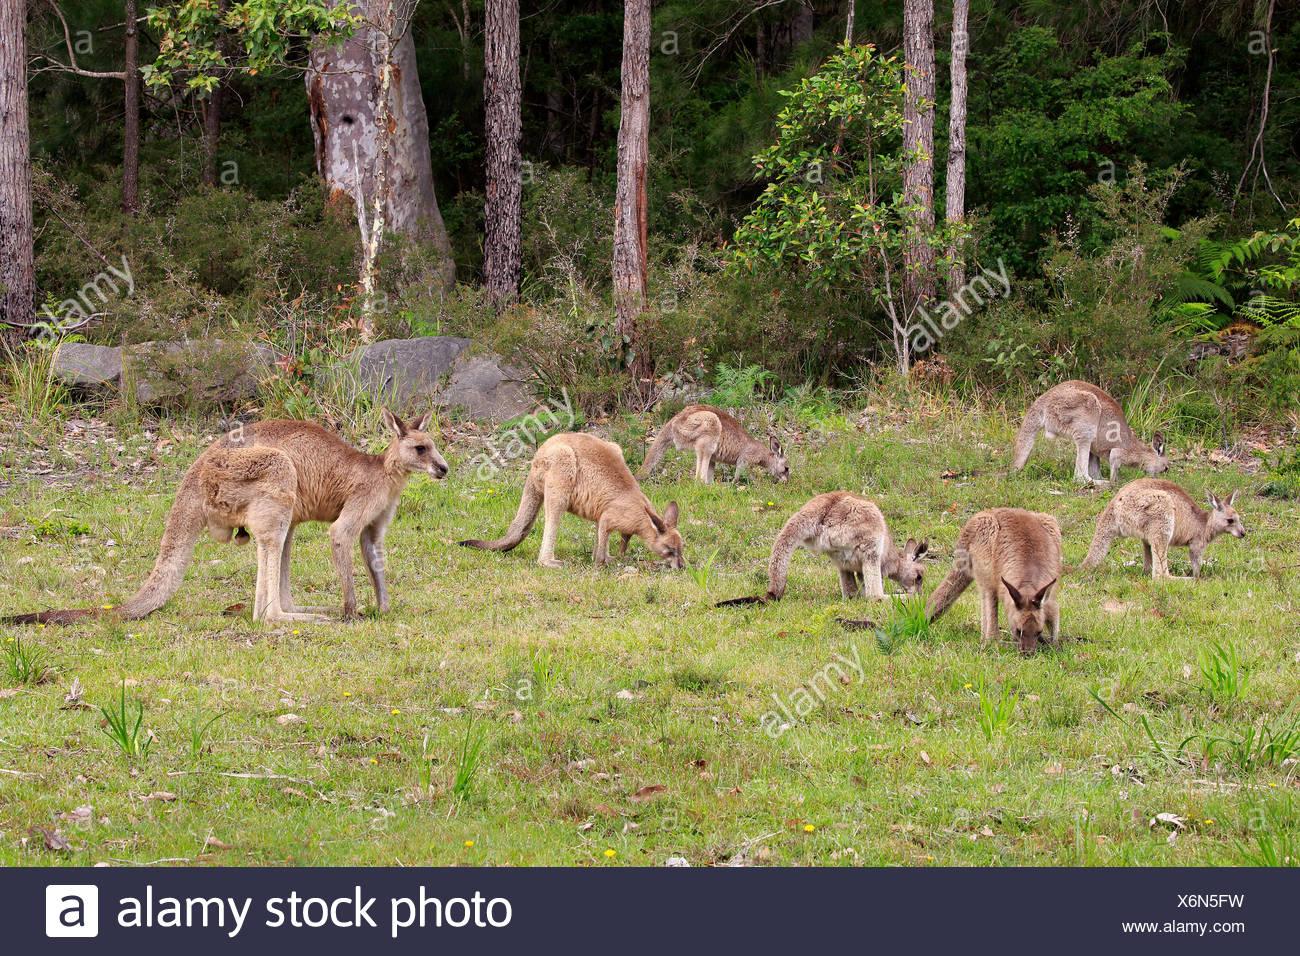 Östliche graue Känguru (Macropus Giganteus), Gruppe Fütterung, Futter, Merry Strand, Murramarang National Park, New-South.Wales Stockbild